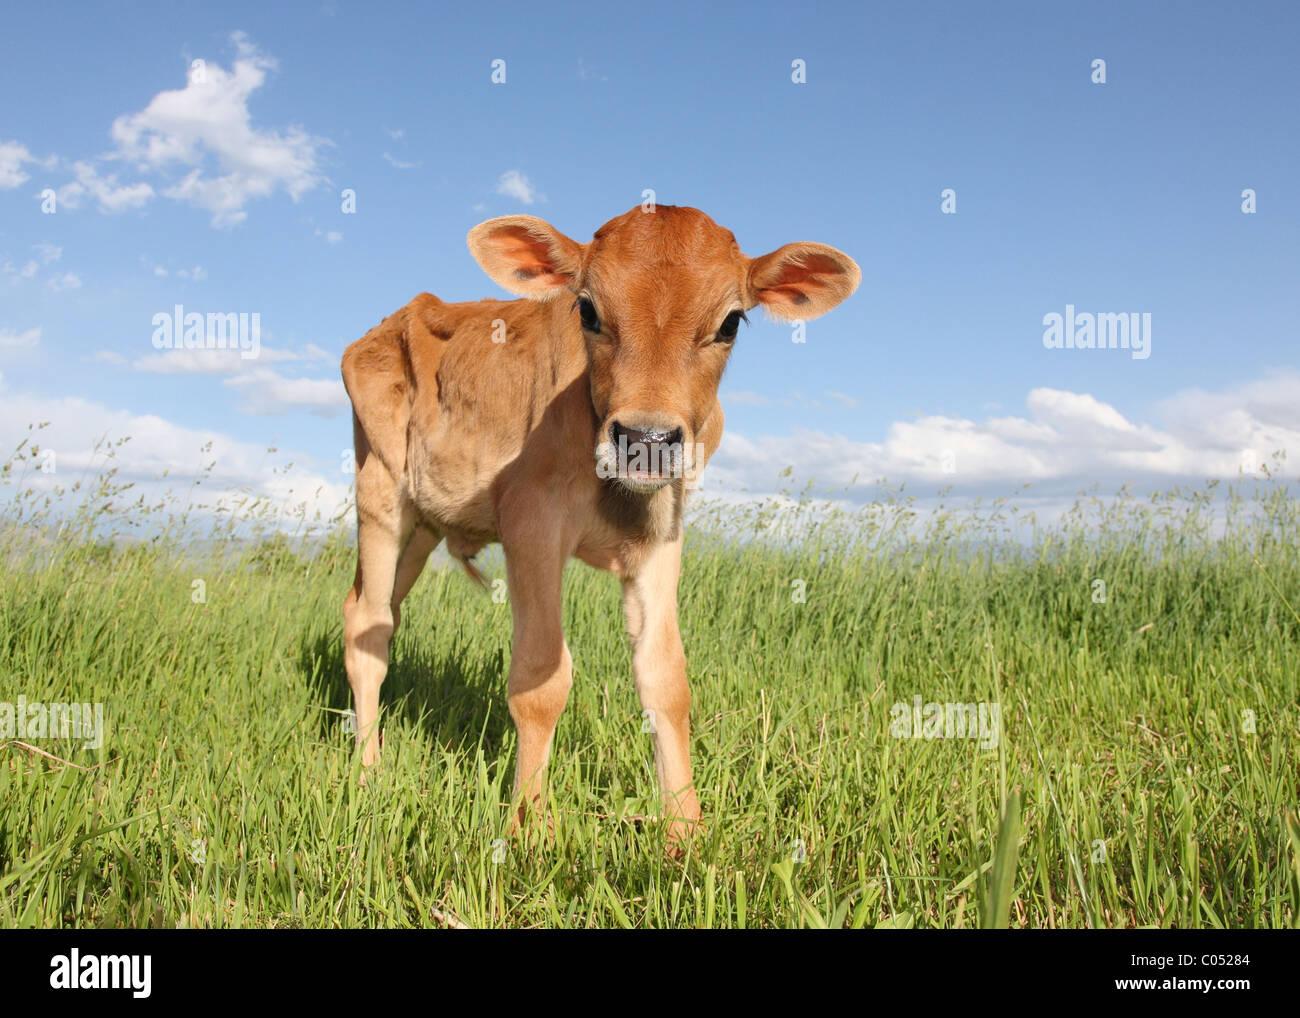 Bebé flaco ternero de pie en el campo solamente Imagen De Stock